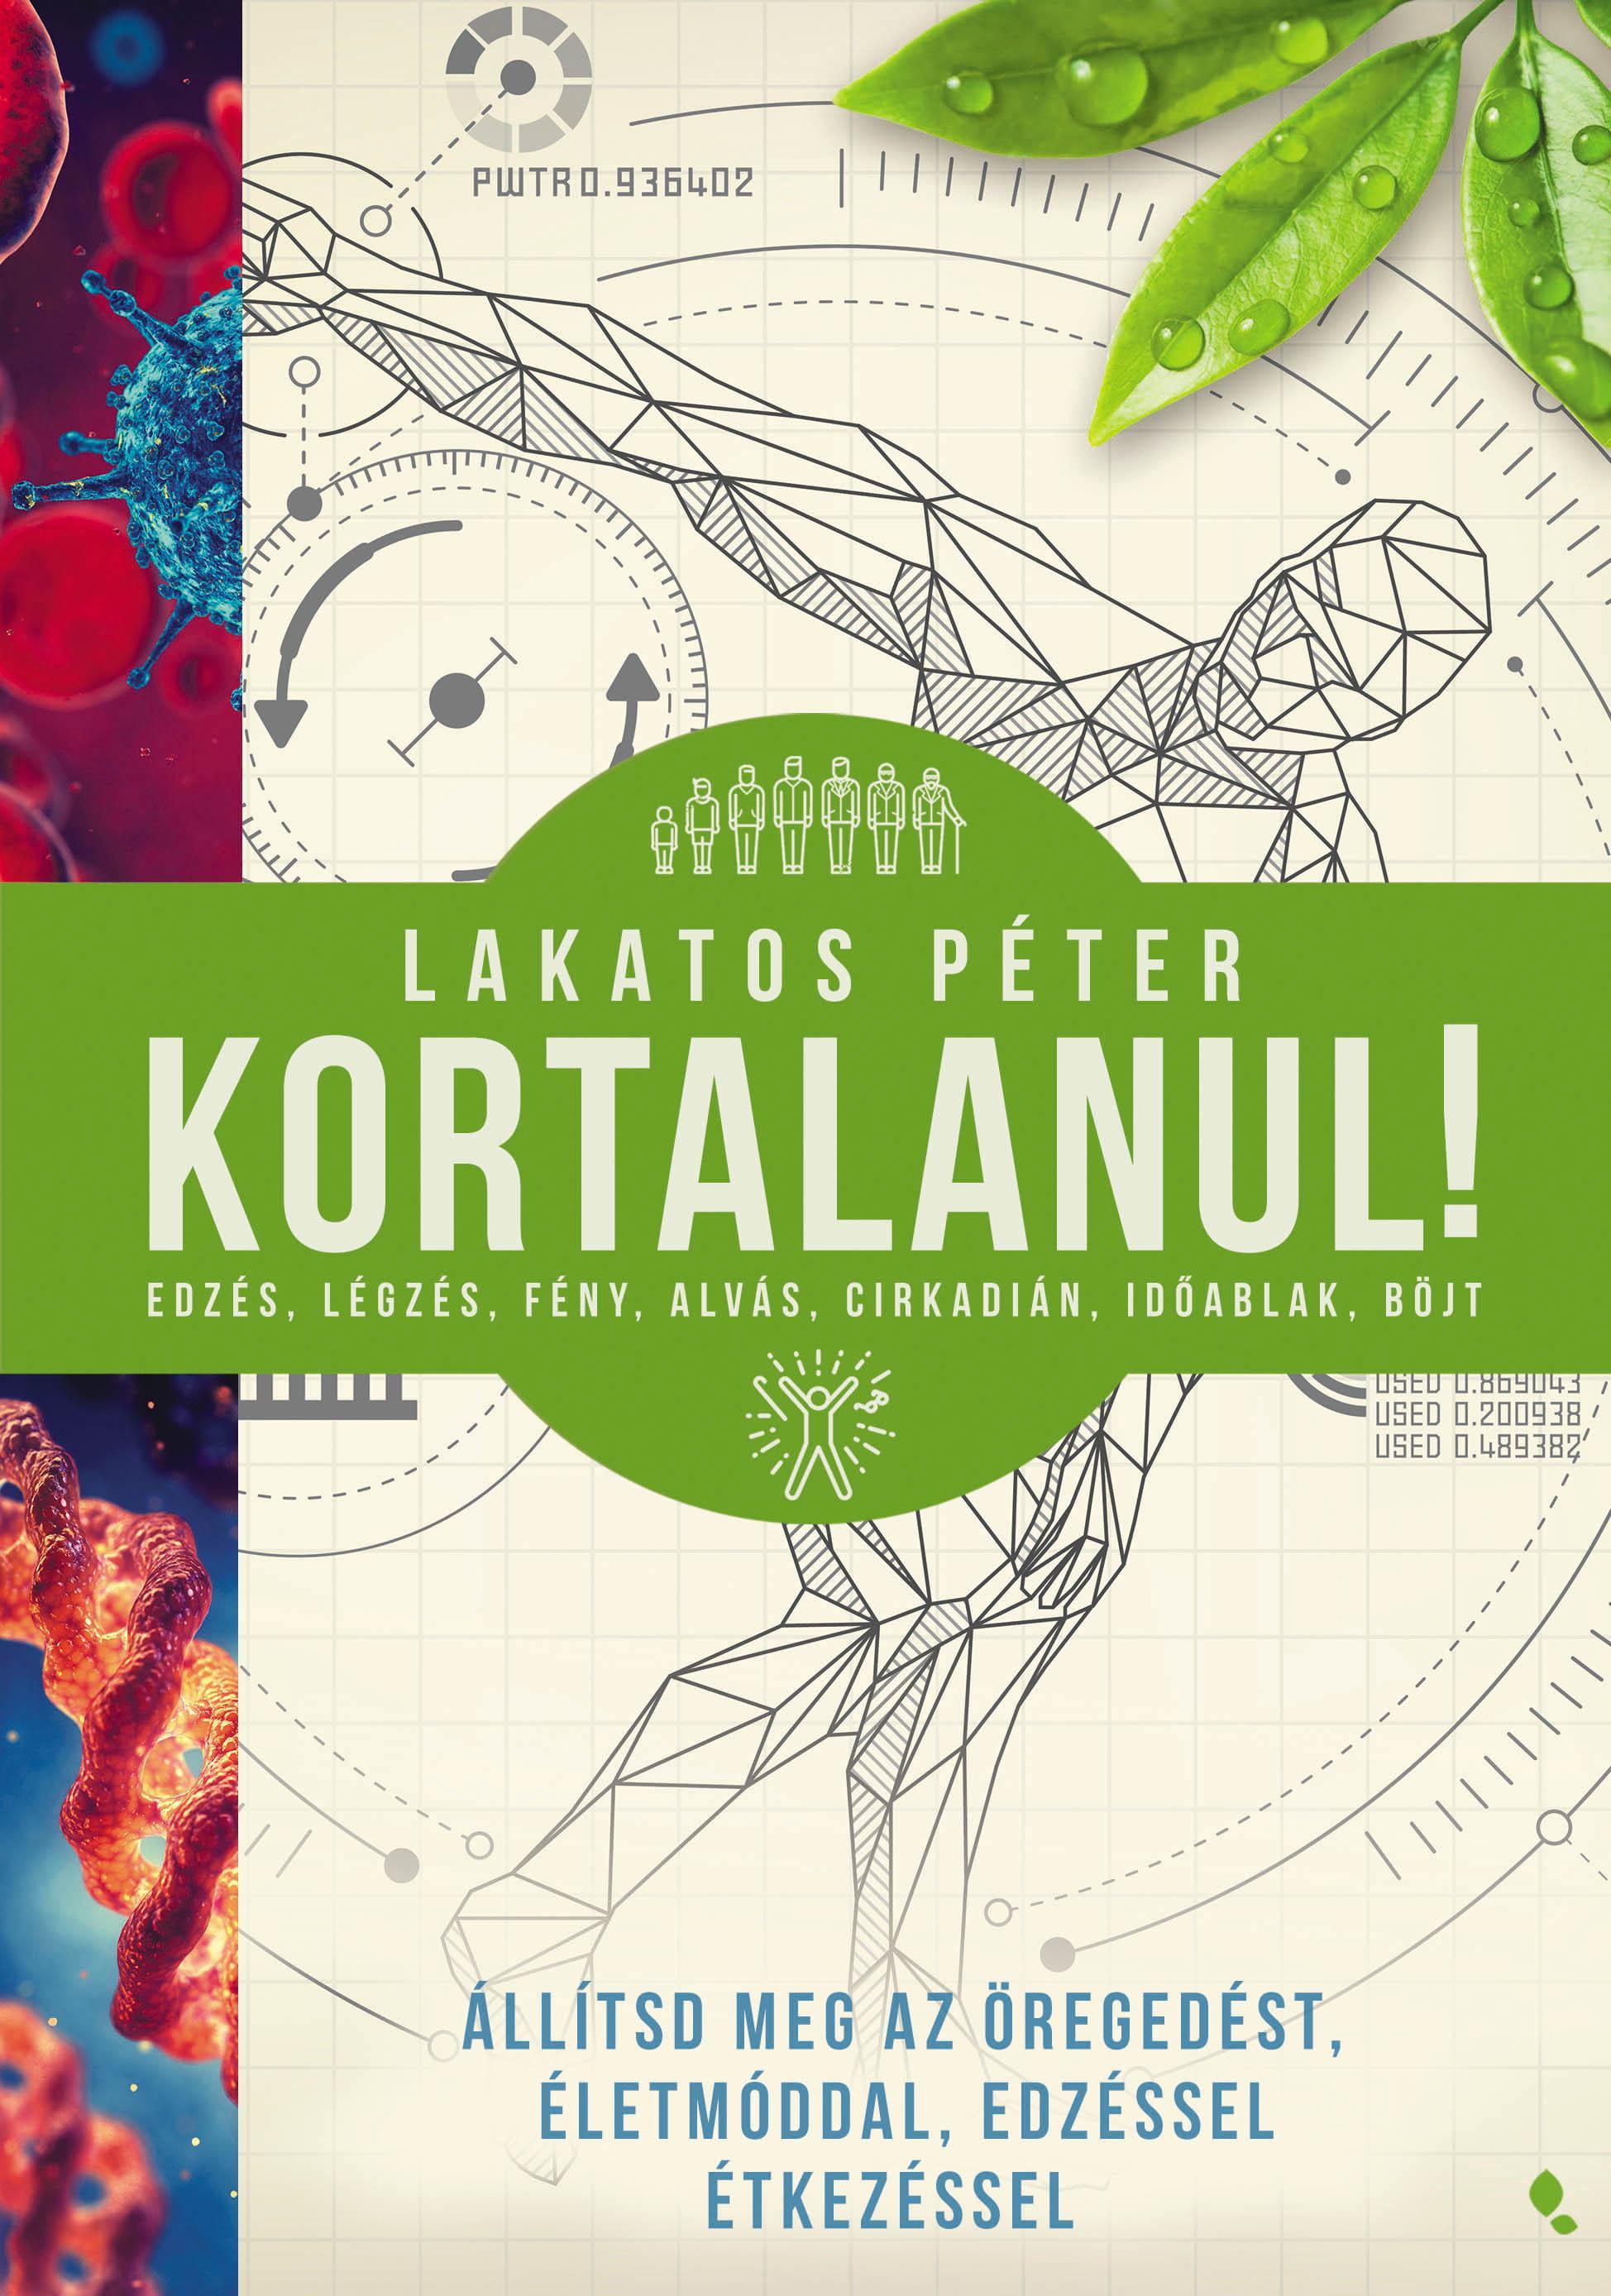 lakatos_peter_kortalanul_b1.jpg